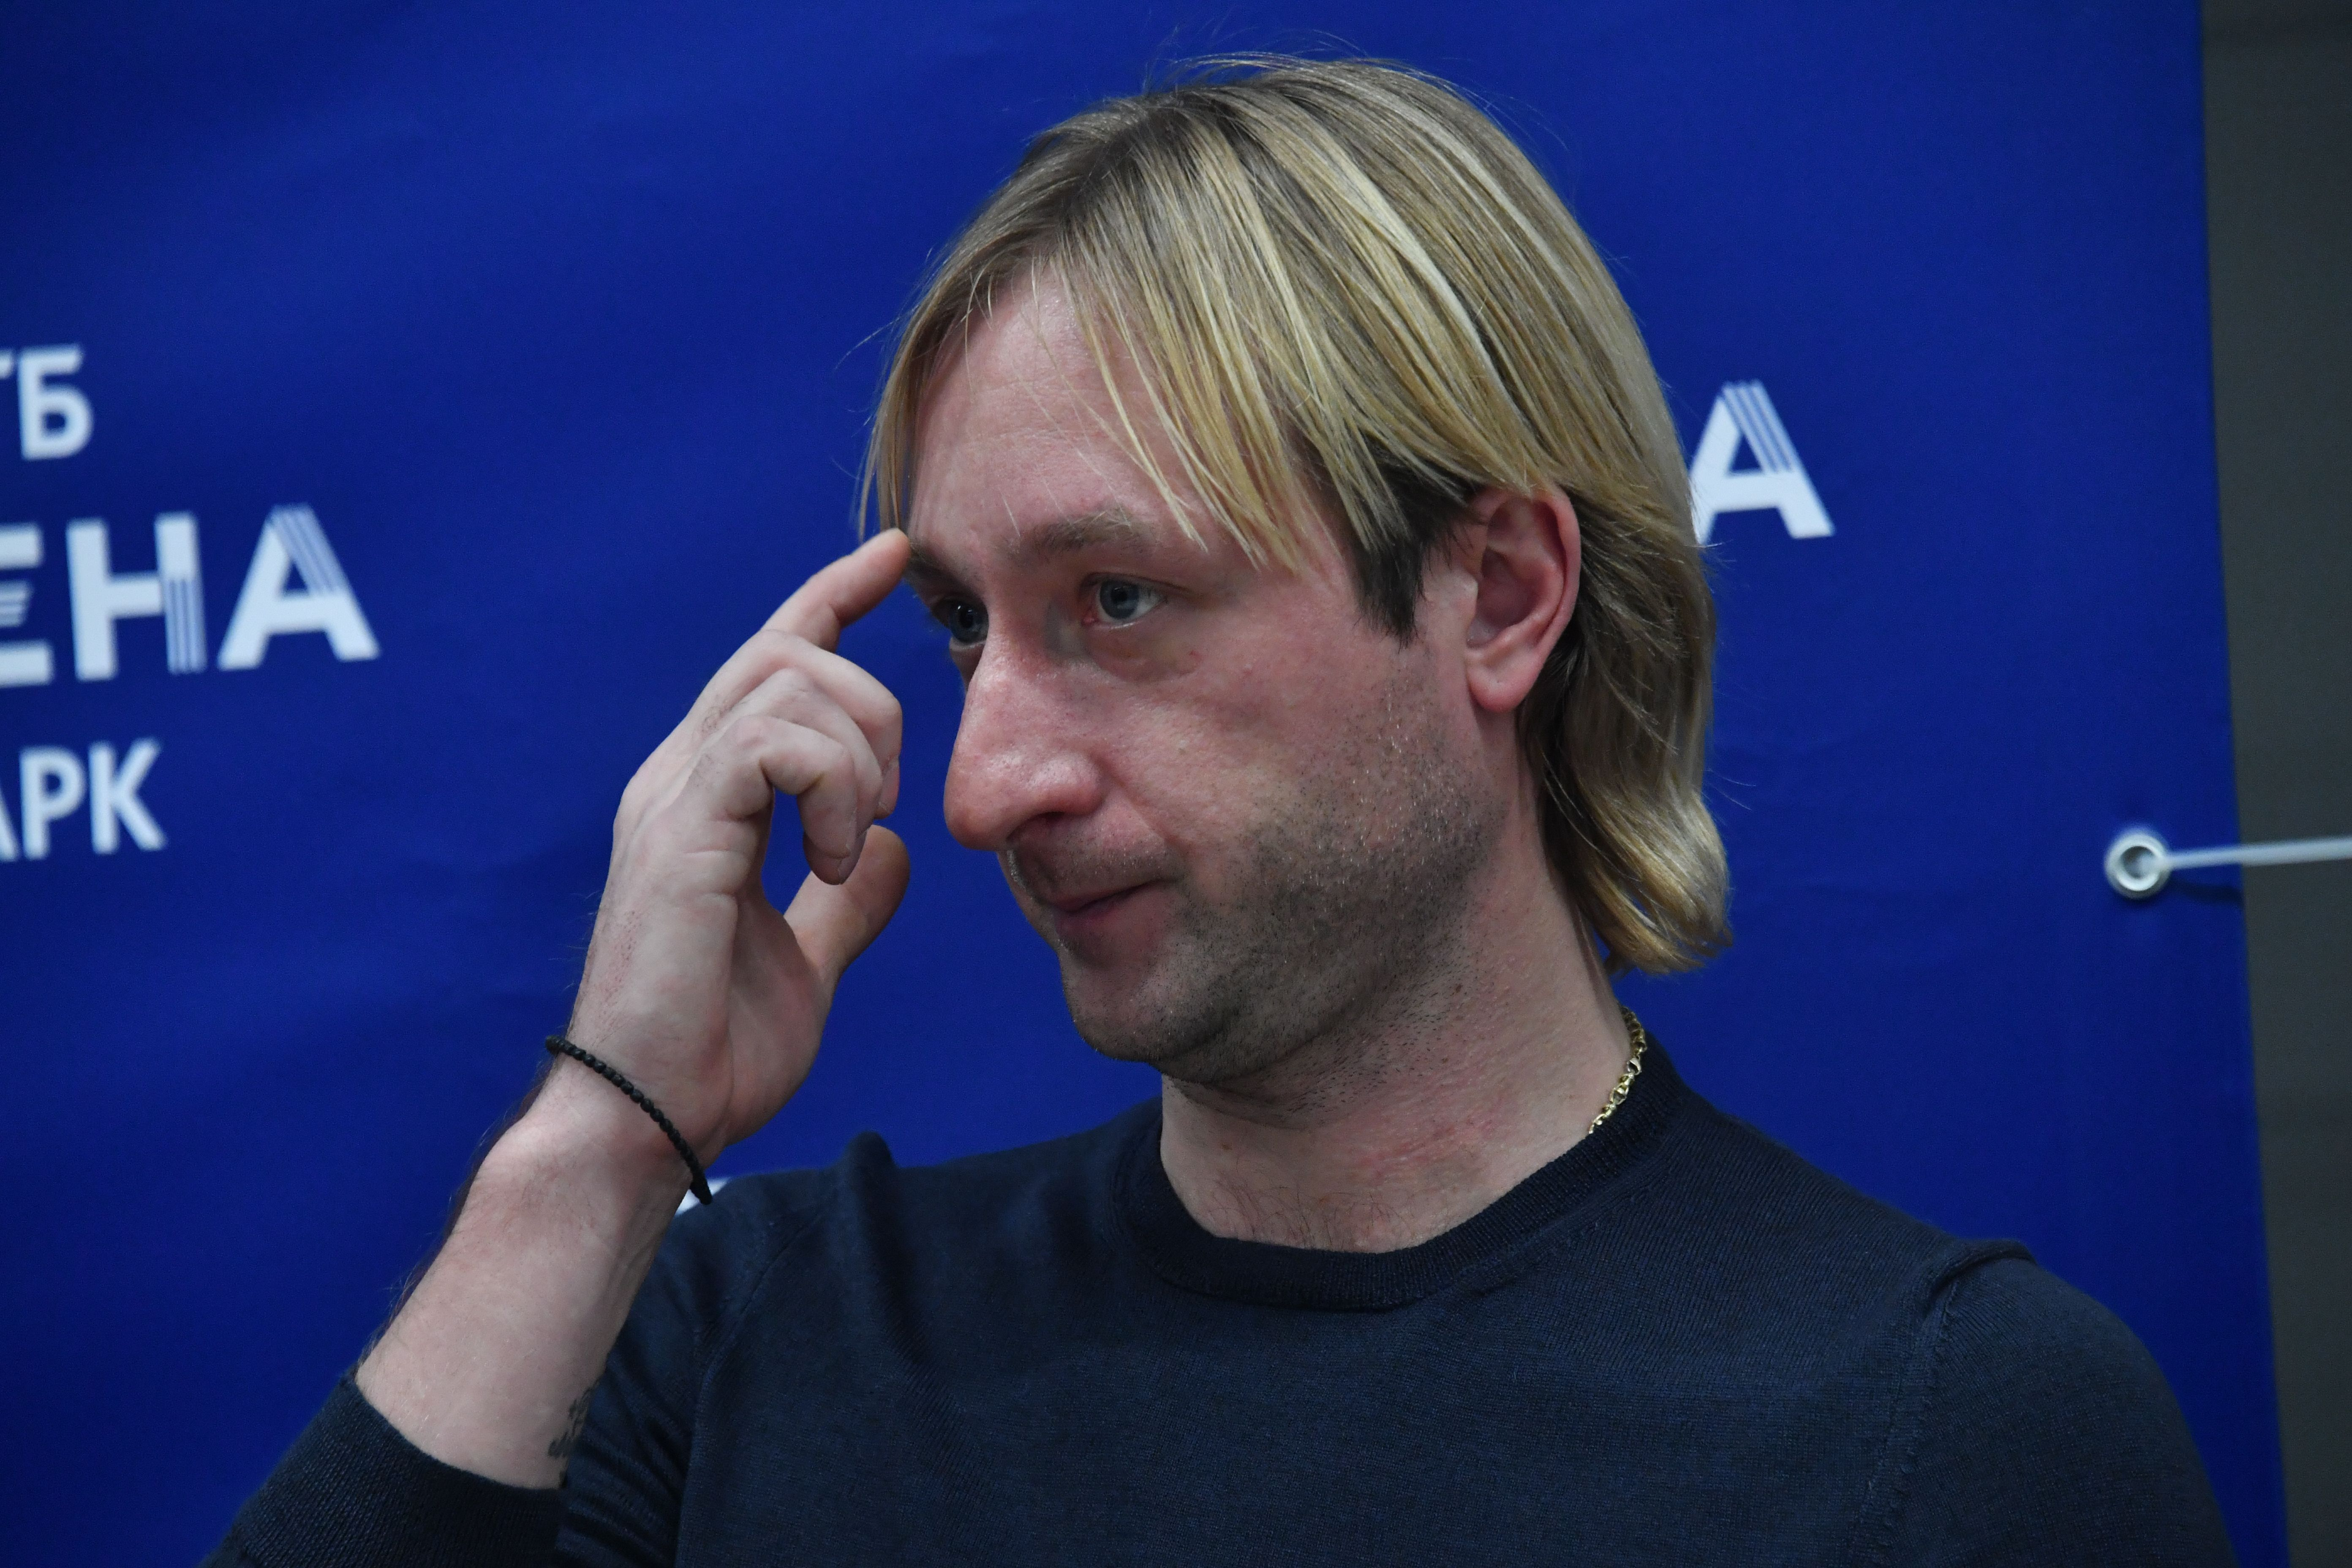 Плющенко разгневан оценками Трусовой: 'Куда лучше? Из платья выпрыгнуть?'